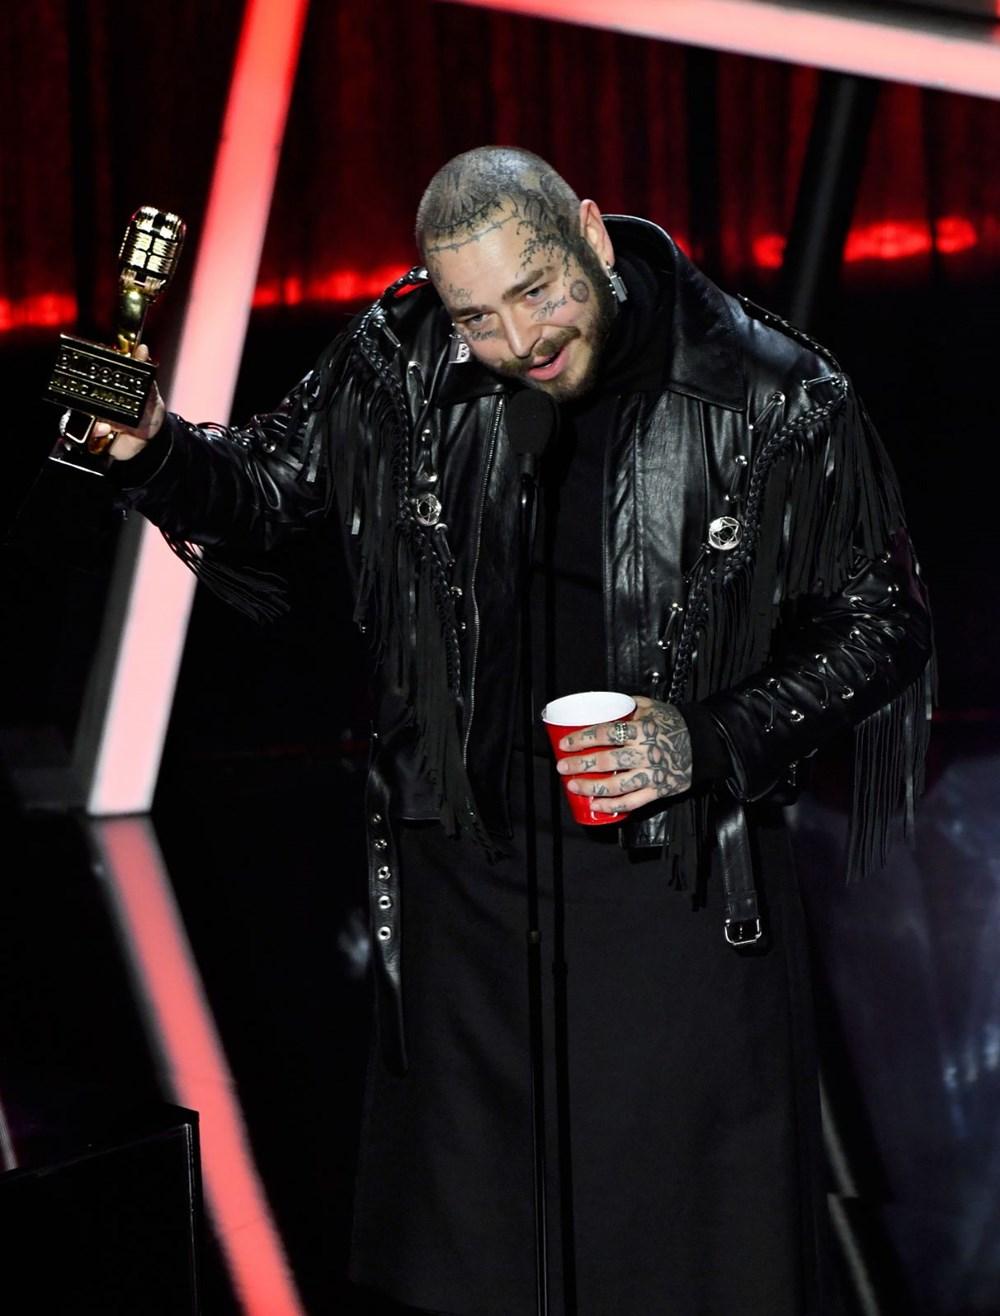 2020 Billboard Müzik Ödülleri sahiplerini buldu - 6